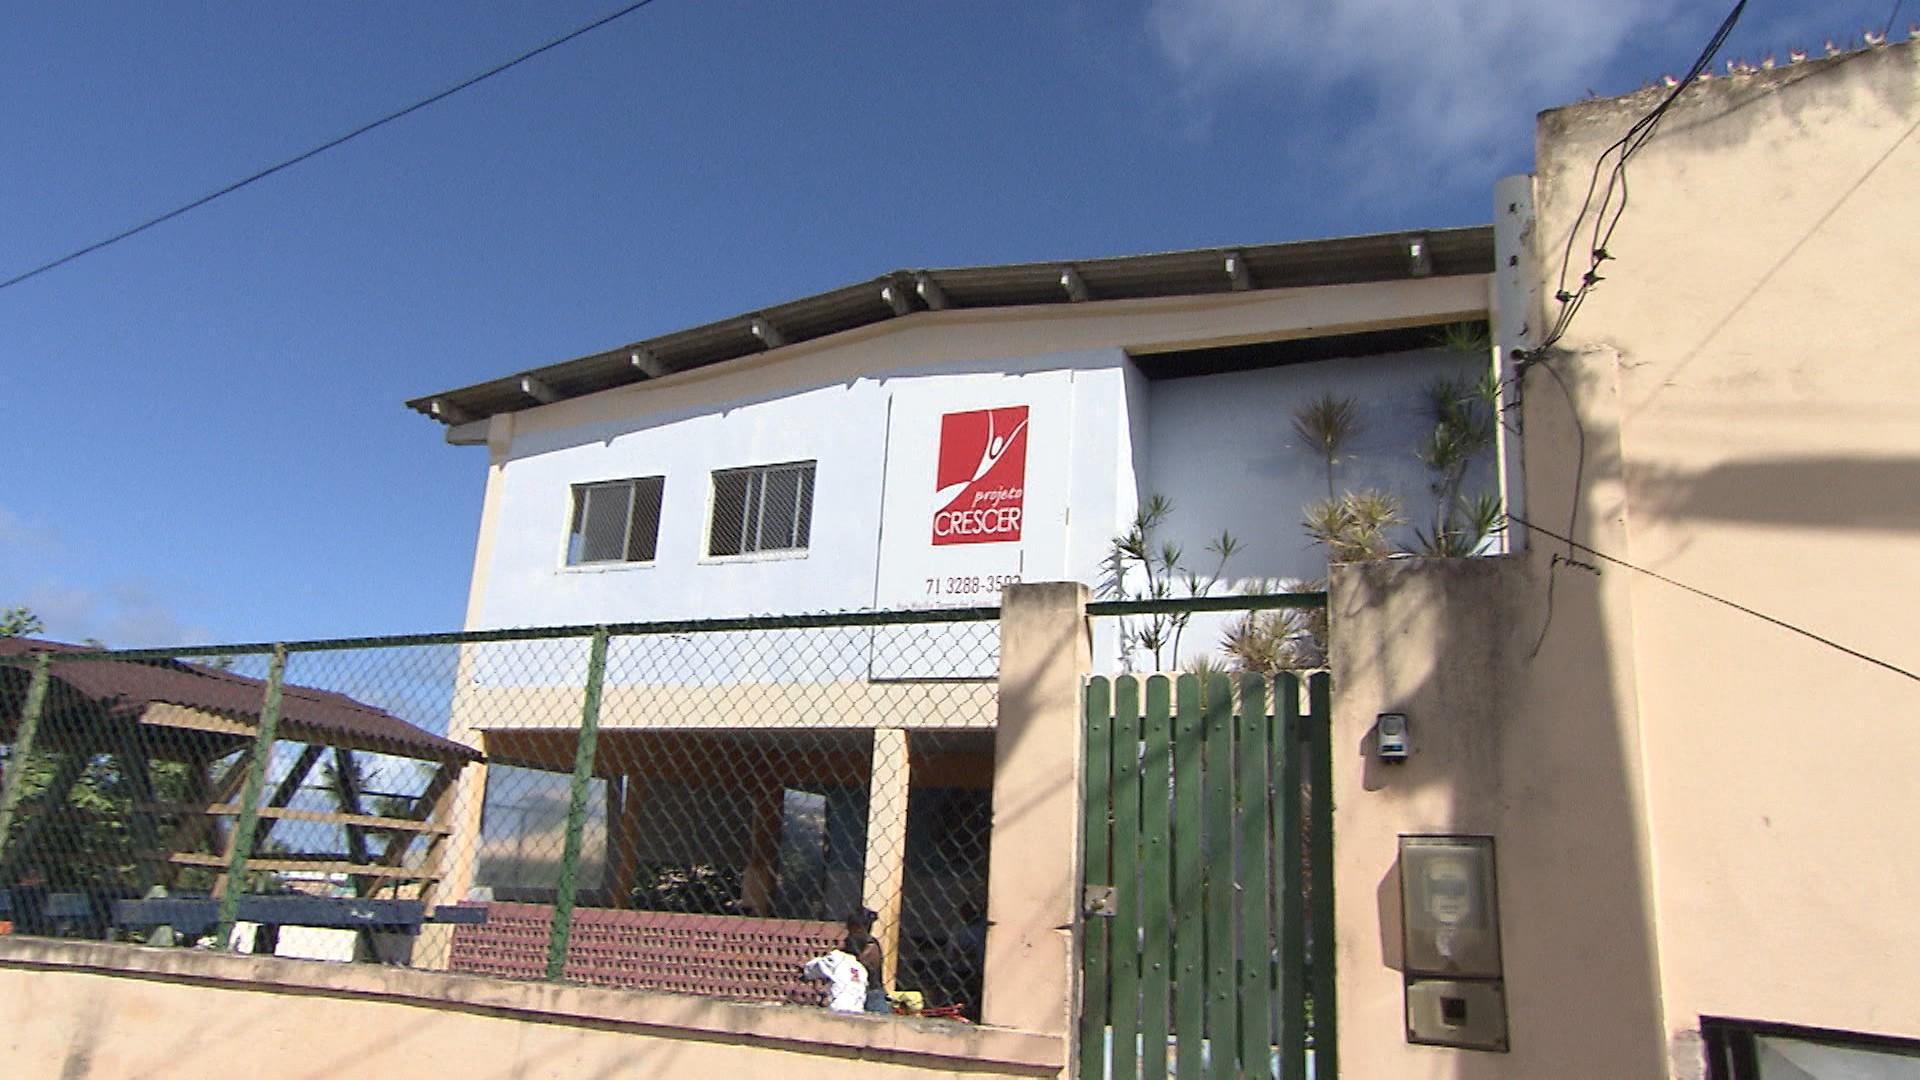 Projeto Crescer, em Lauro de Freitas, é apoiado pelo Criança Esperança (Foto: Divulgação)